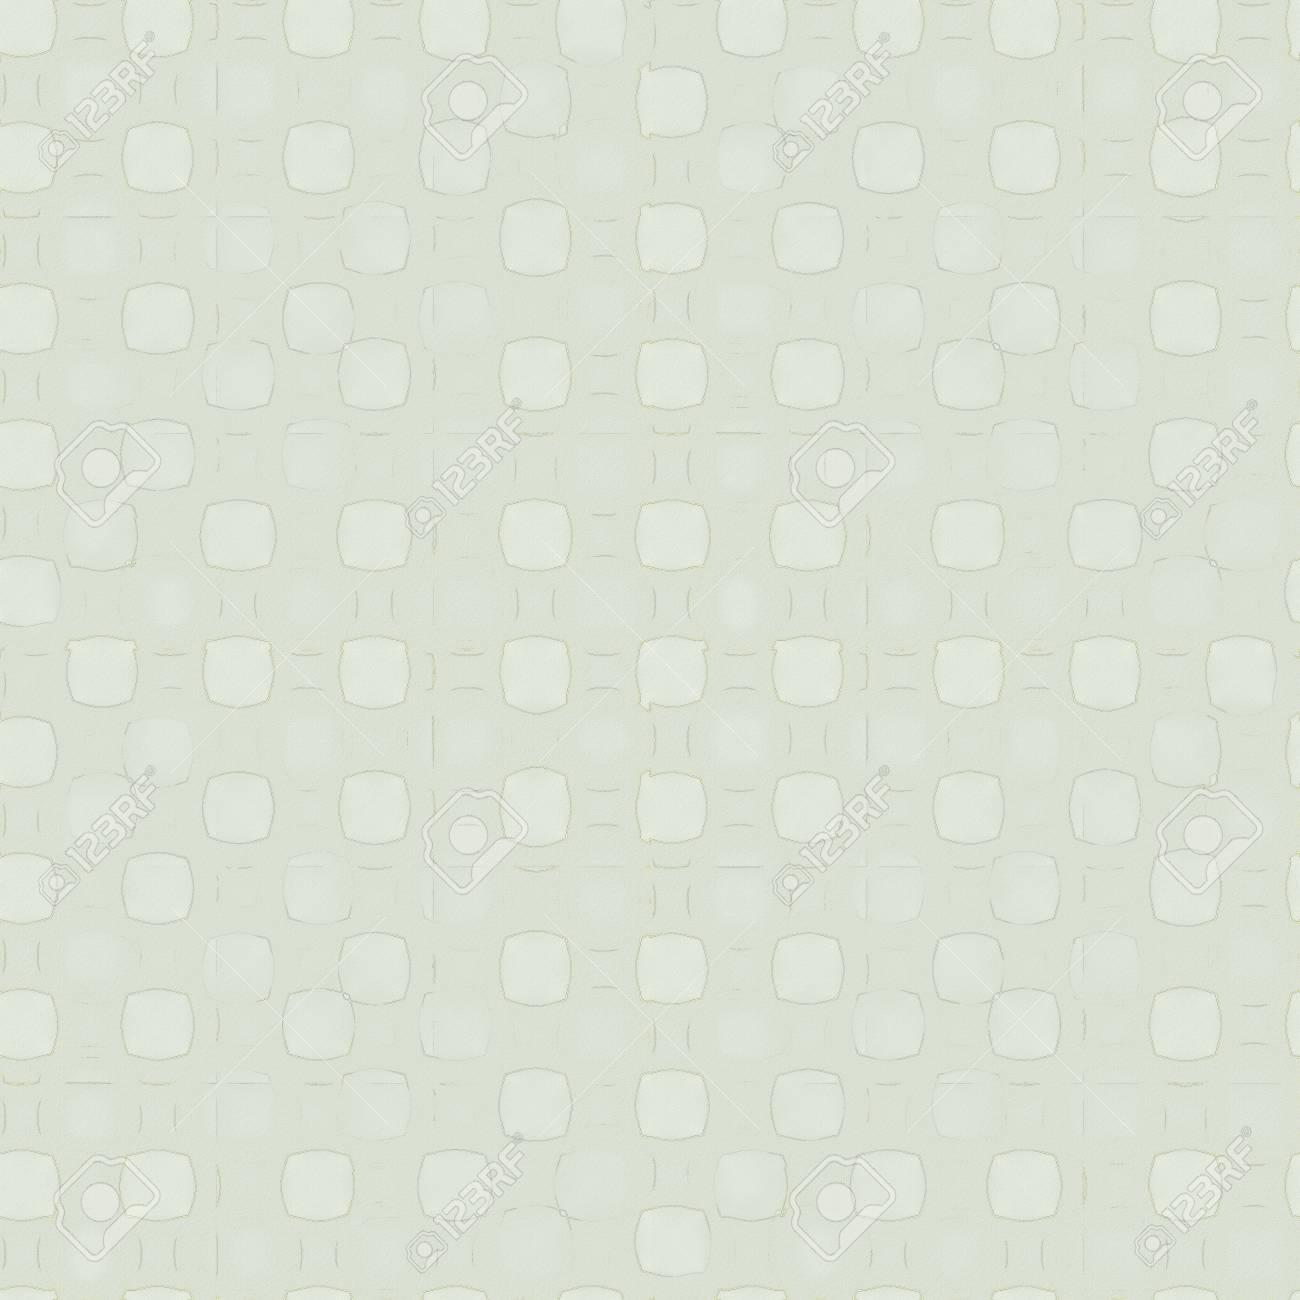 Arrière-plan En Relief Sans Soudure. Papier Peint Fantaisie Pastel ...